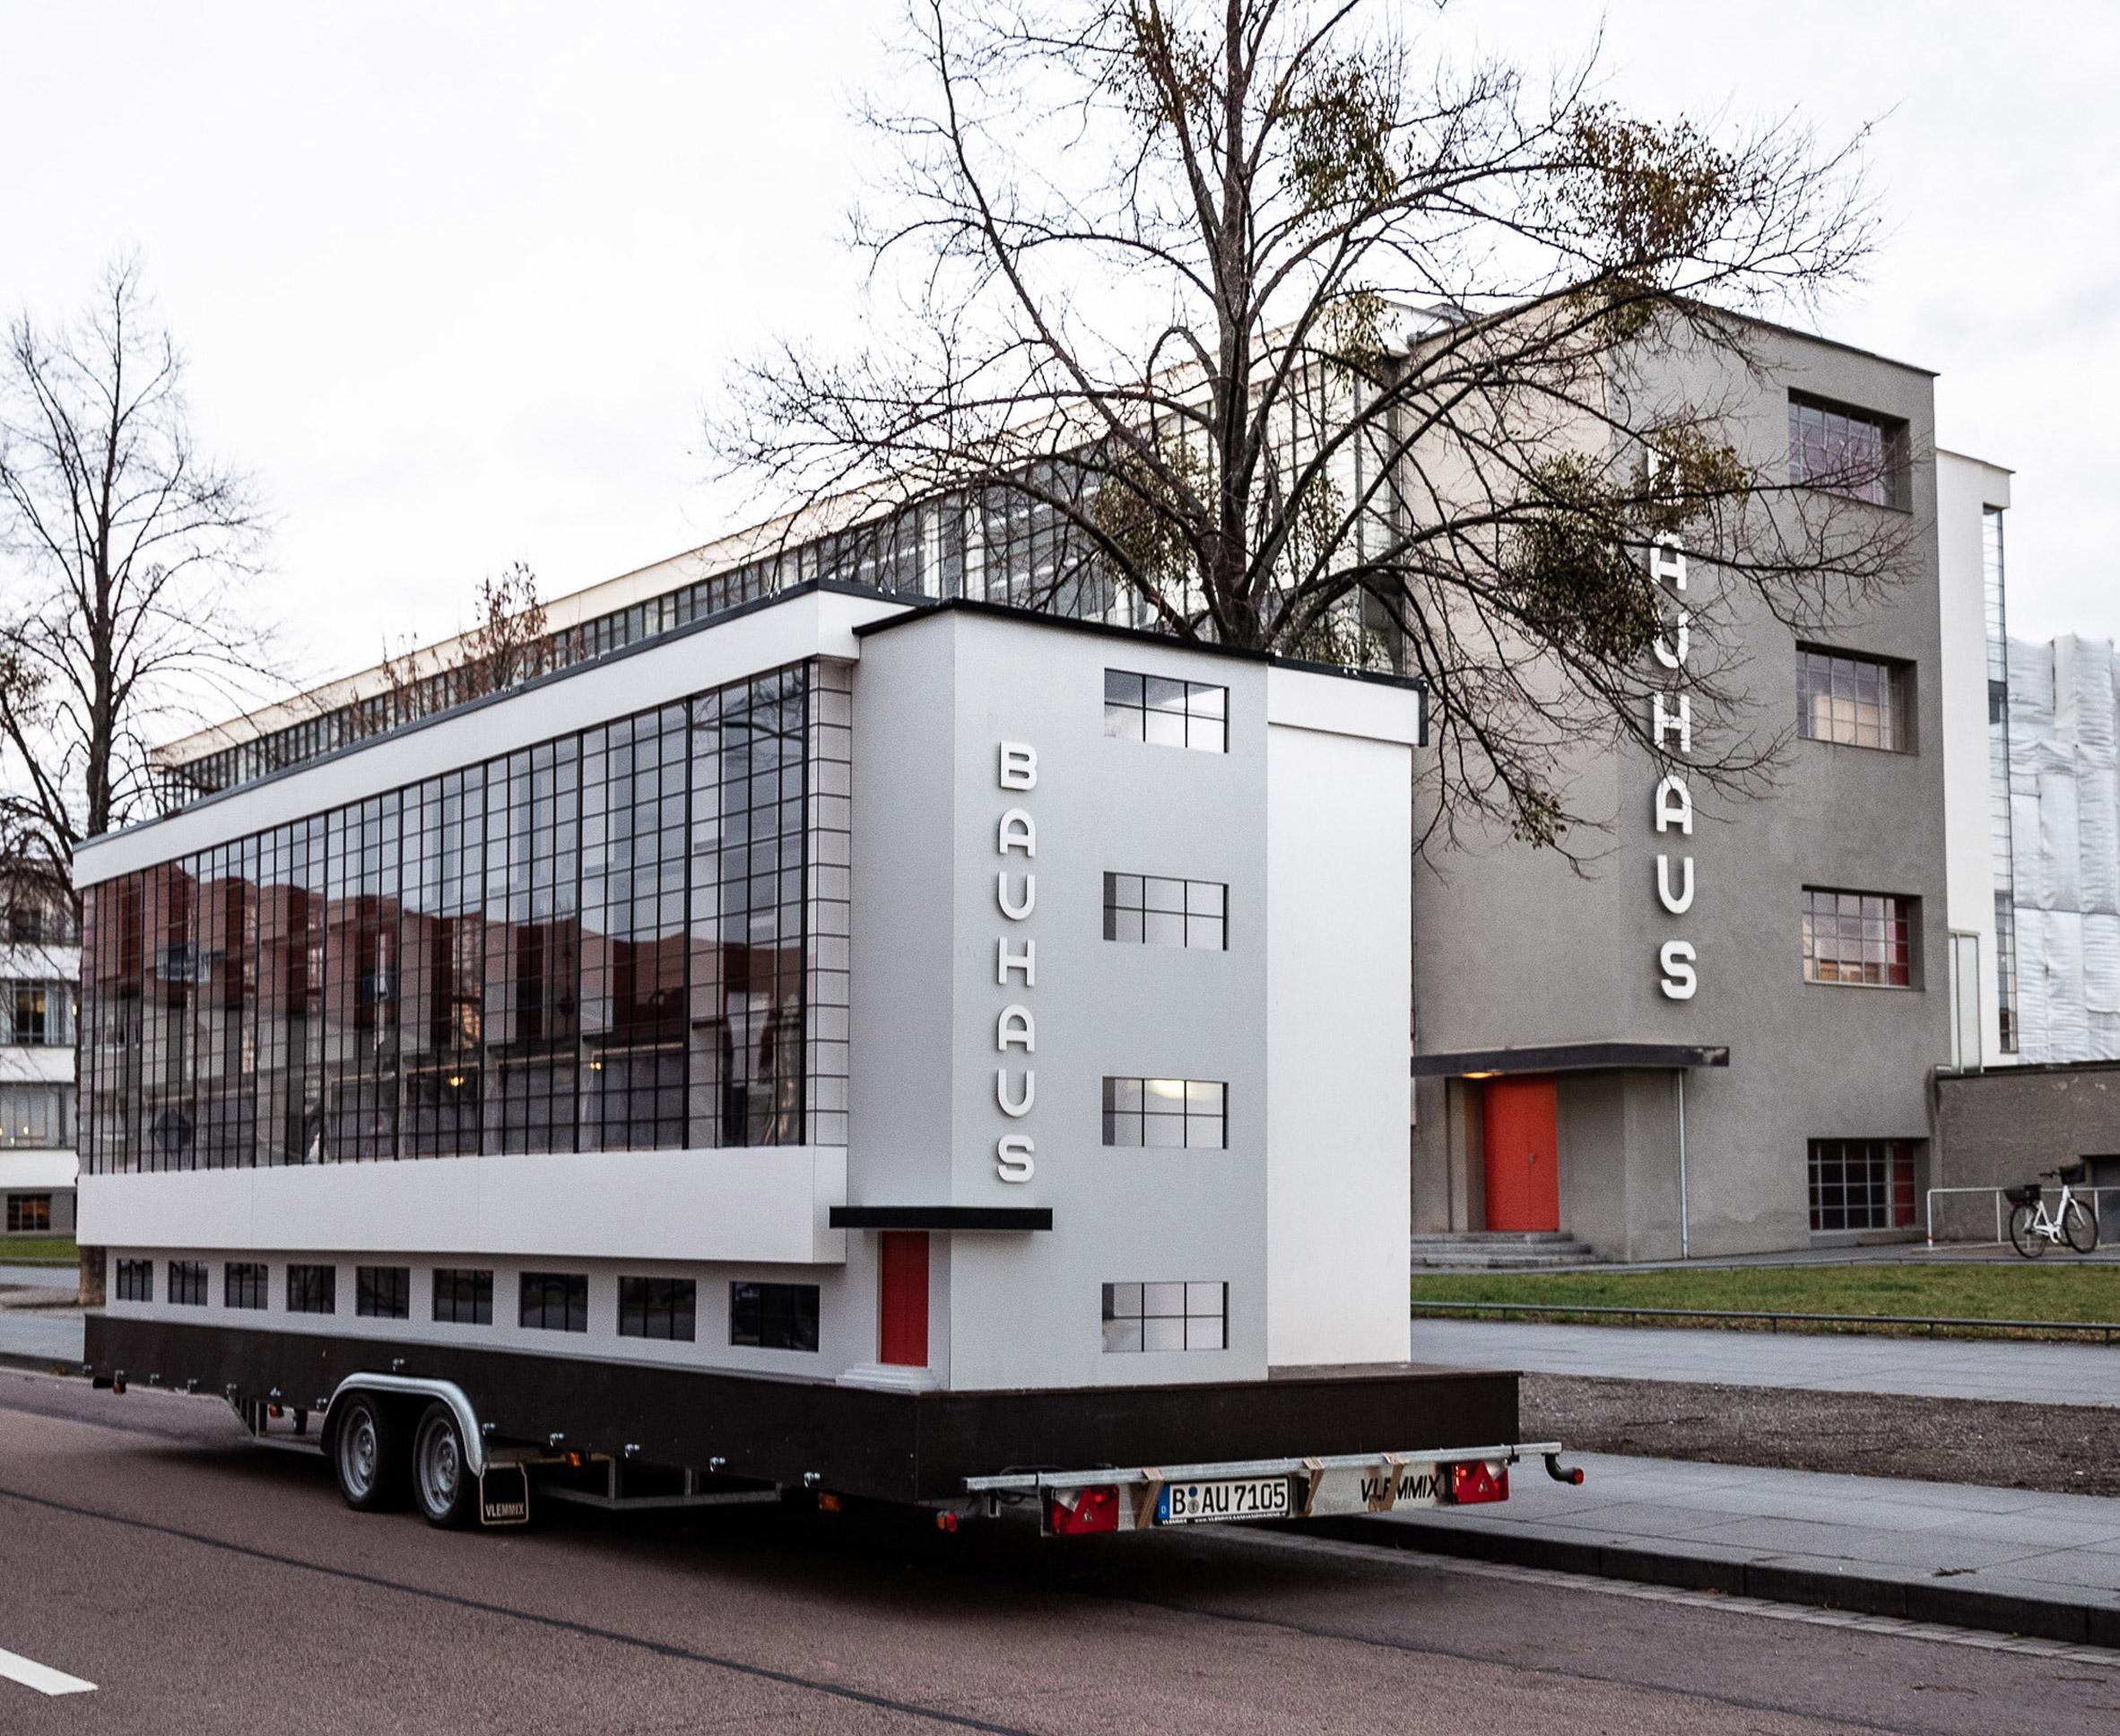 Replica of Bauhaus Dessau on wheels